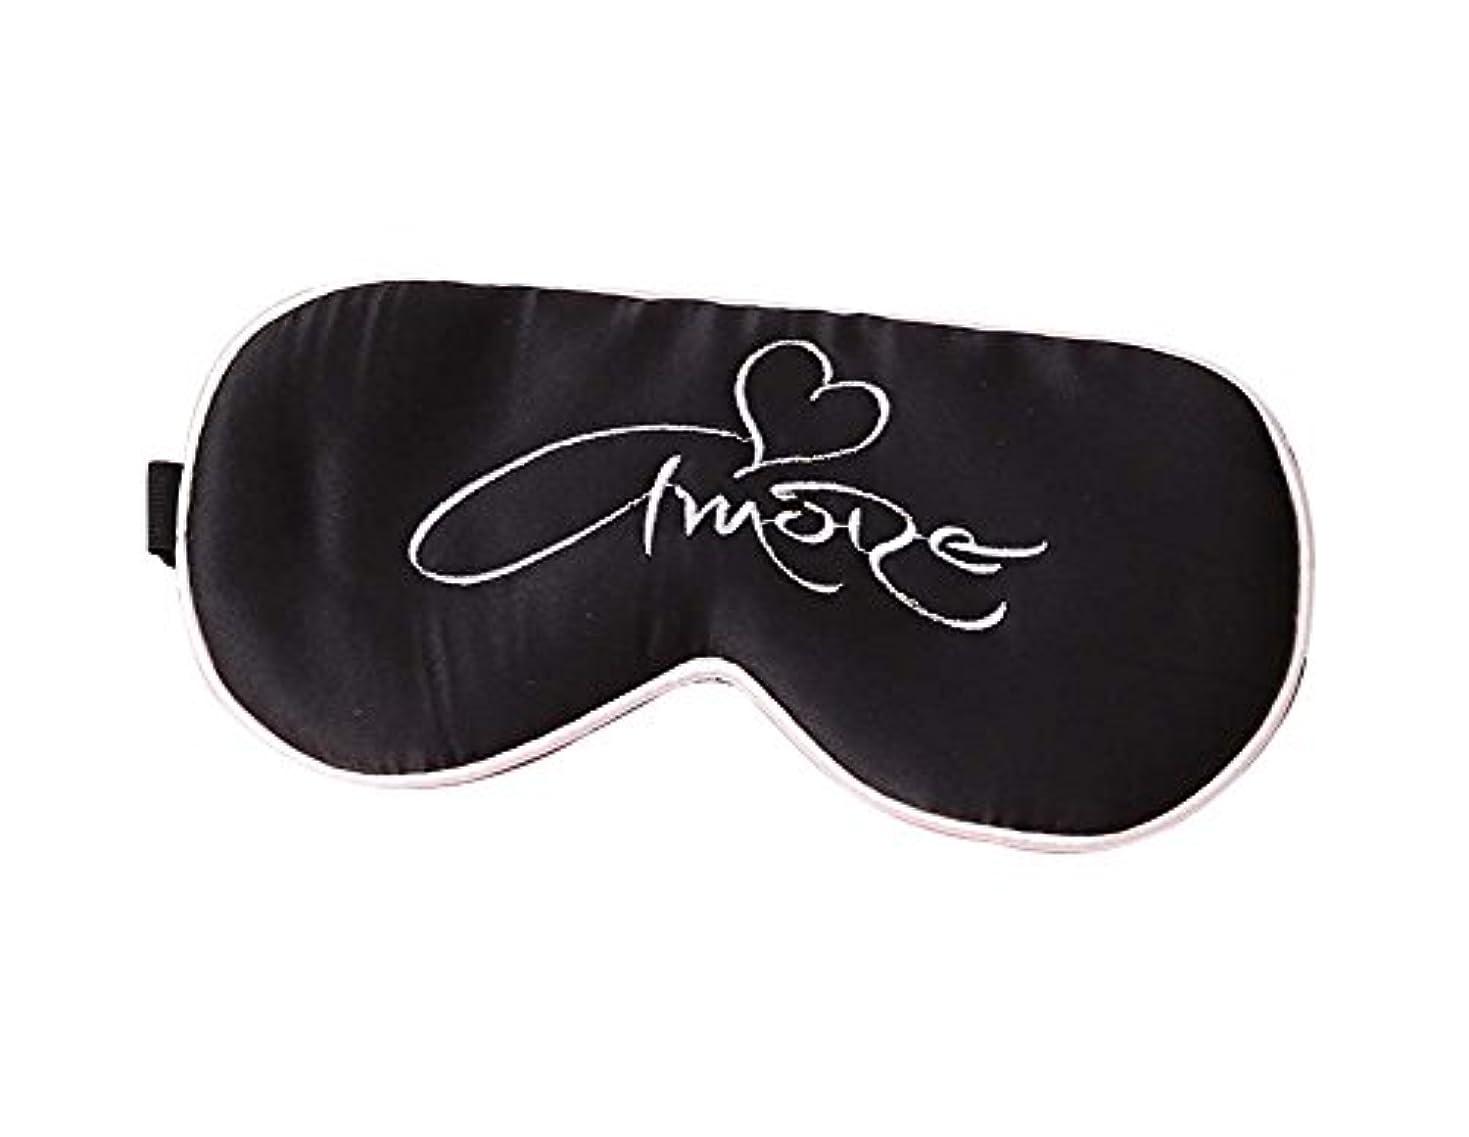 甘やかすくぼみうぬぼれた黒い刺繍睡眠のアイマスクシルク快適なアイカバー通気性のアイシェード